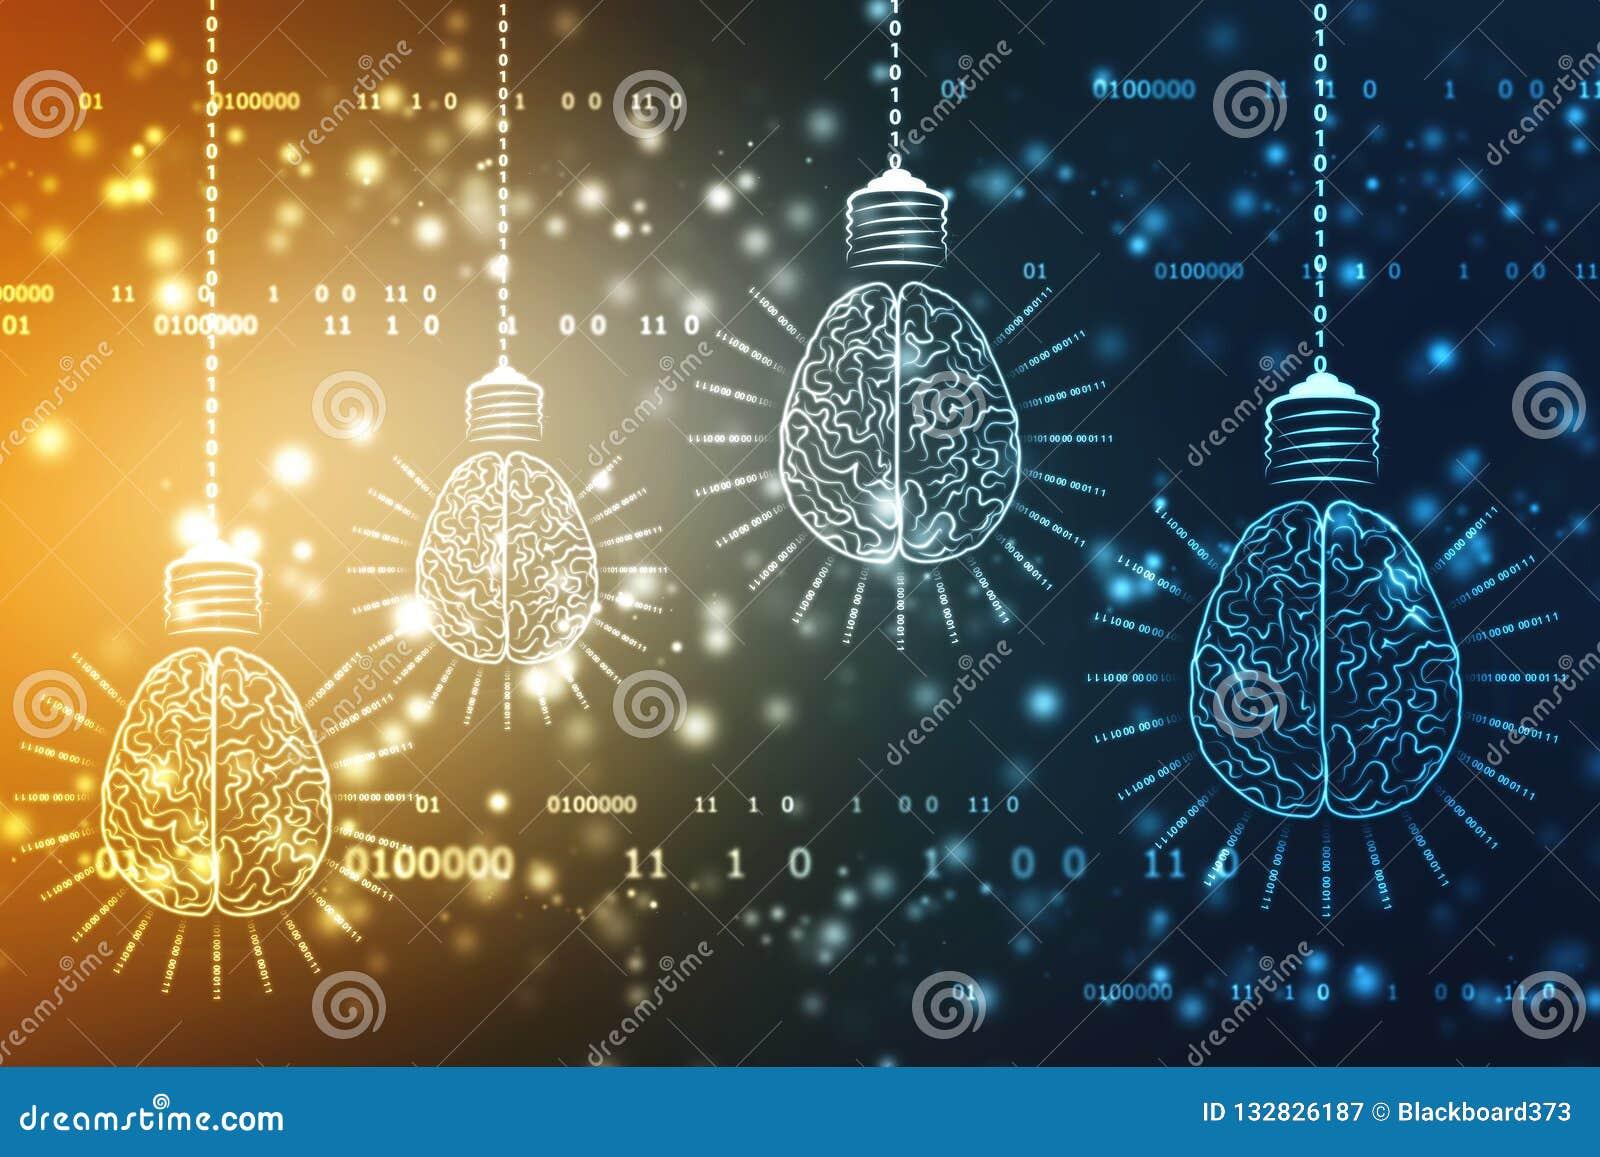 Zukünftige Technologie der Birne mit Gehirn, Innovationshintergrund, künstliche Intelligenz-Konzept